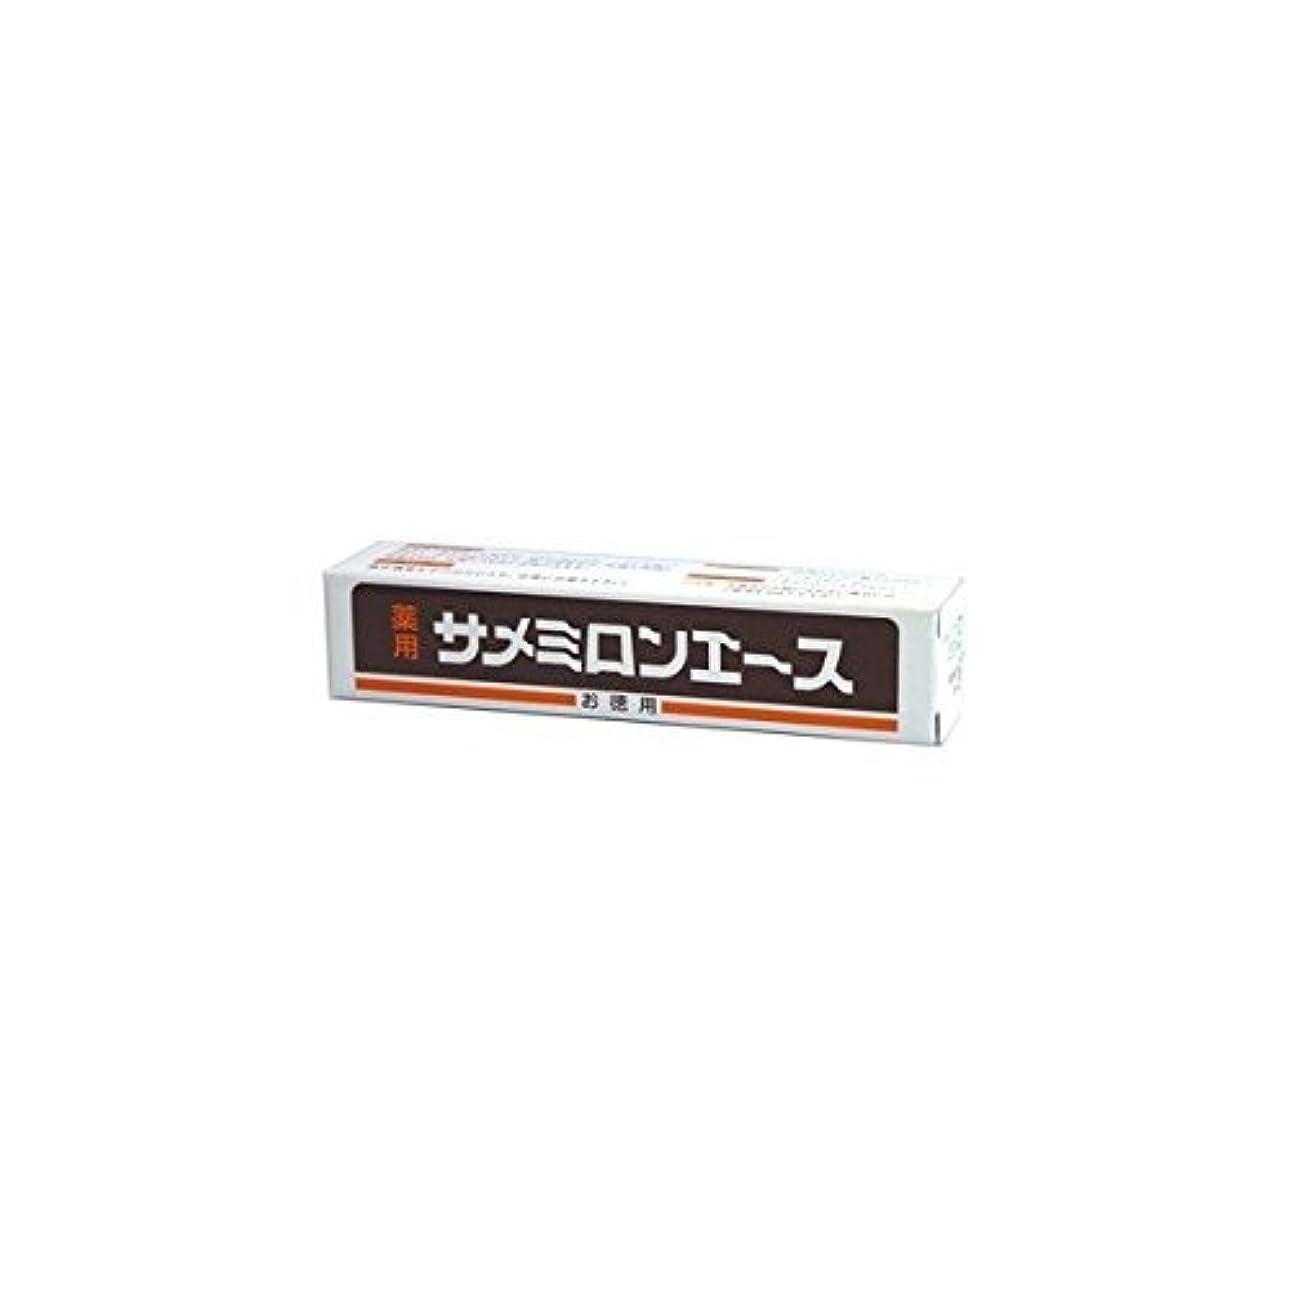 毒液発生する巡礼者薬用 サメミロンエース 20ml入り 2個 スクアレン配合